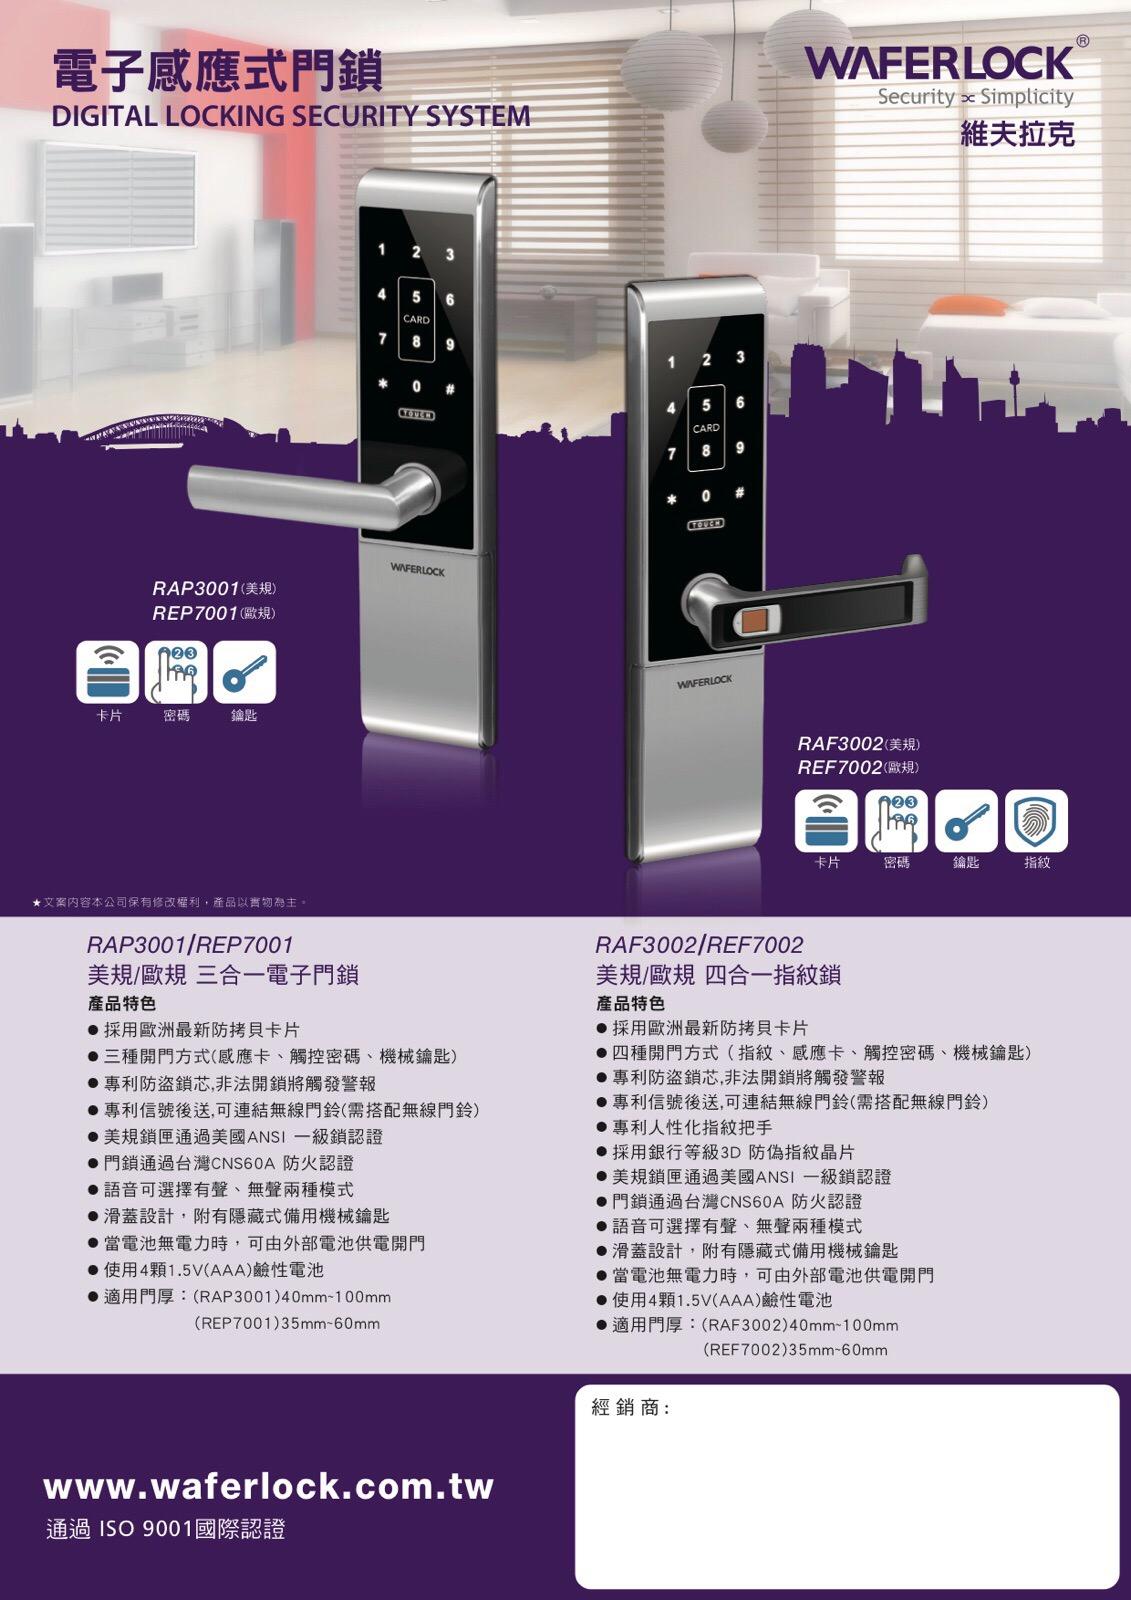 維夫拉克WEL-3800 感應卡/ 密碼 /鑰匙 /電子鎖